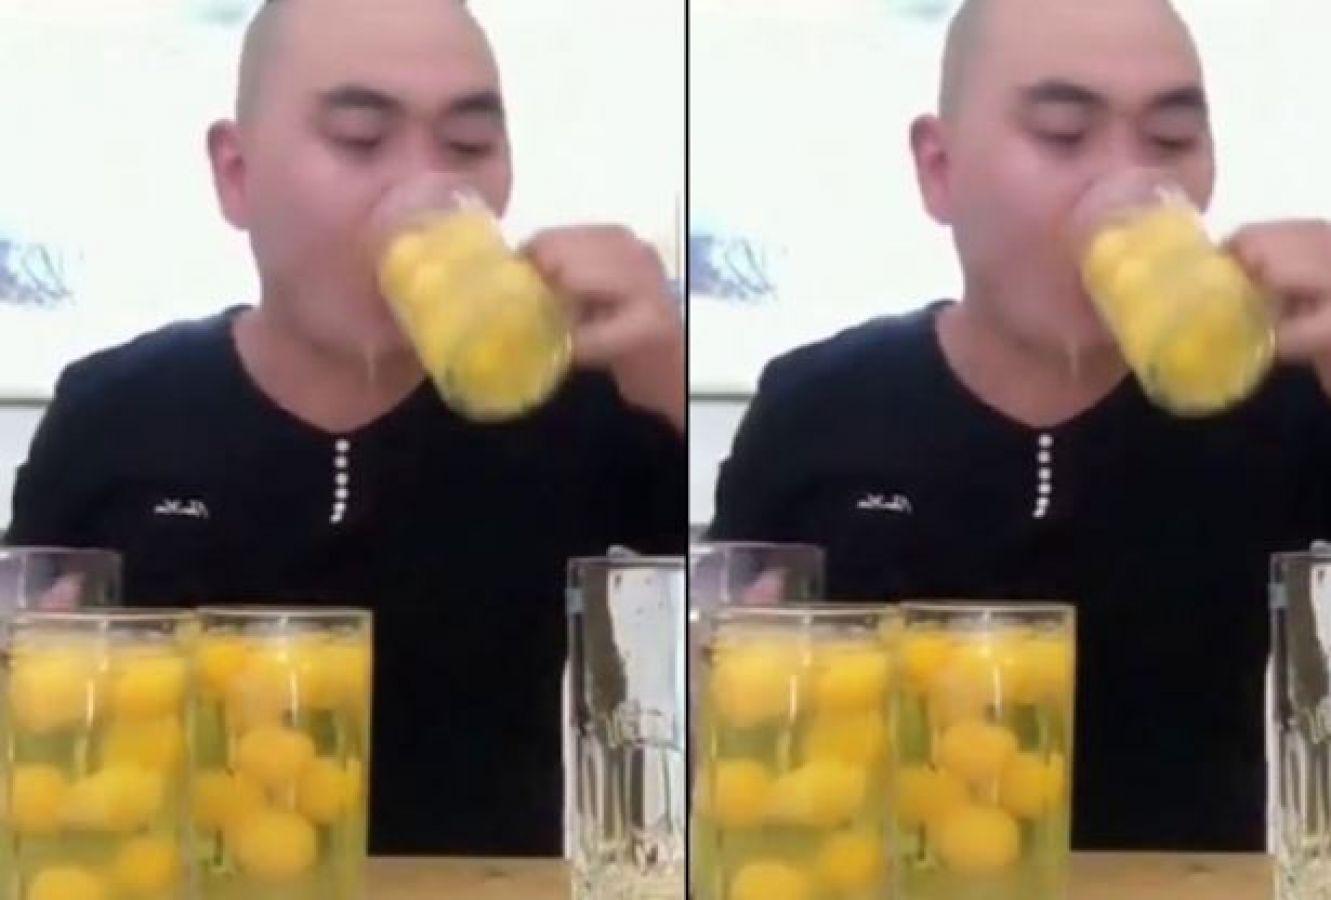 Video : 15 सेकंड में इस शख्स ने निगल लिए इतने अंडे, उलटी कर देने आप